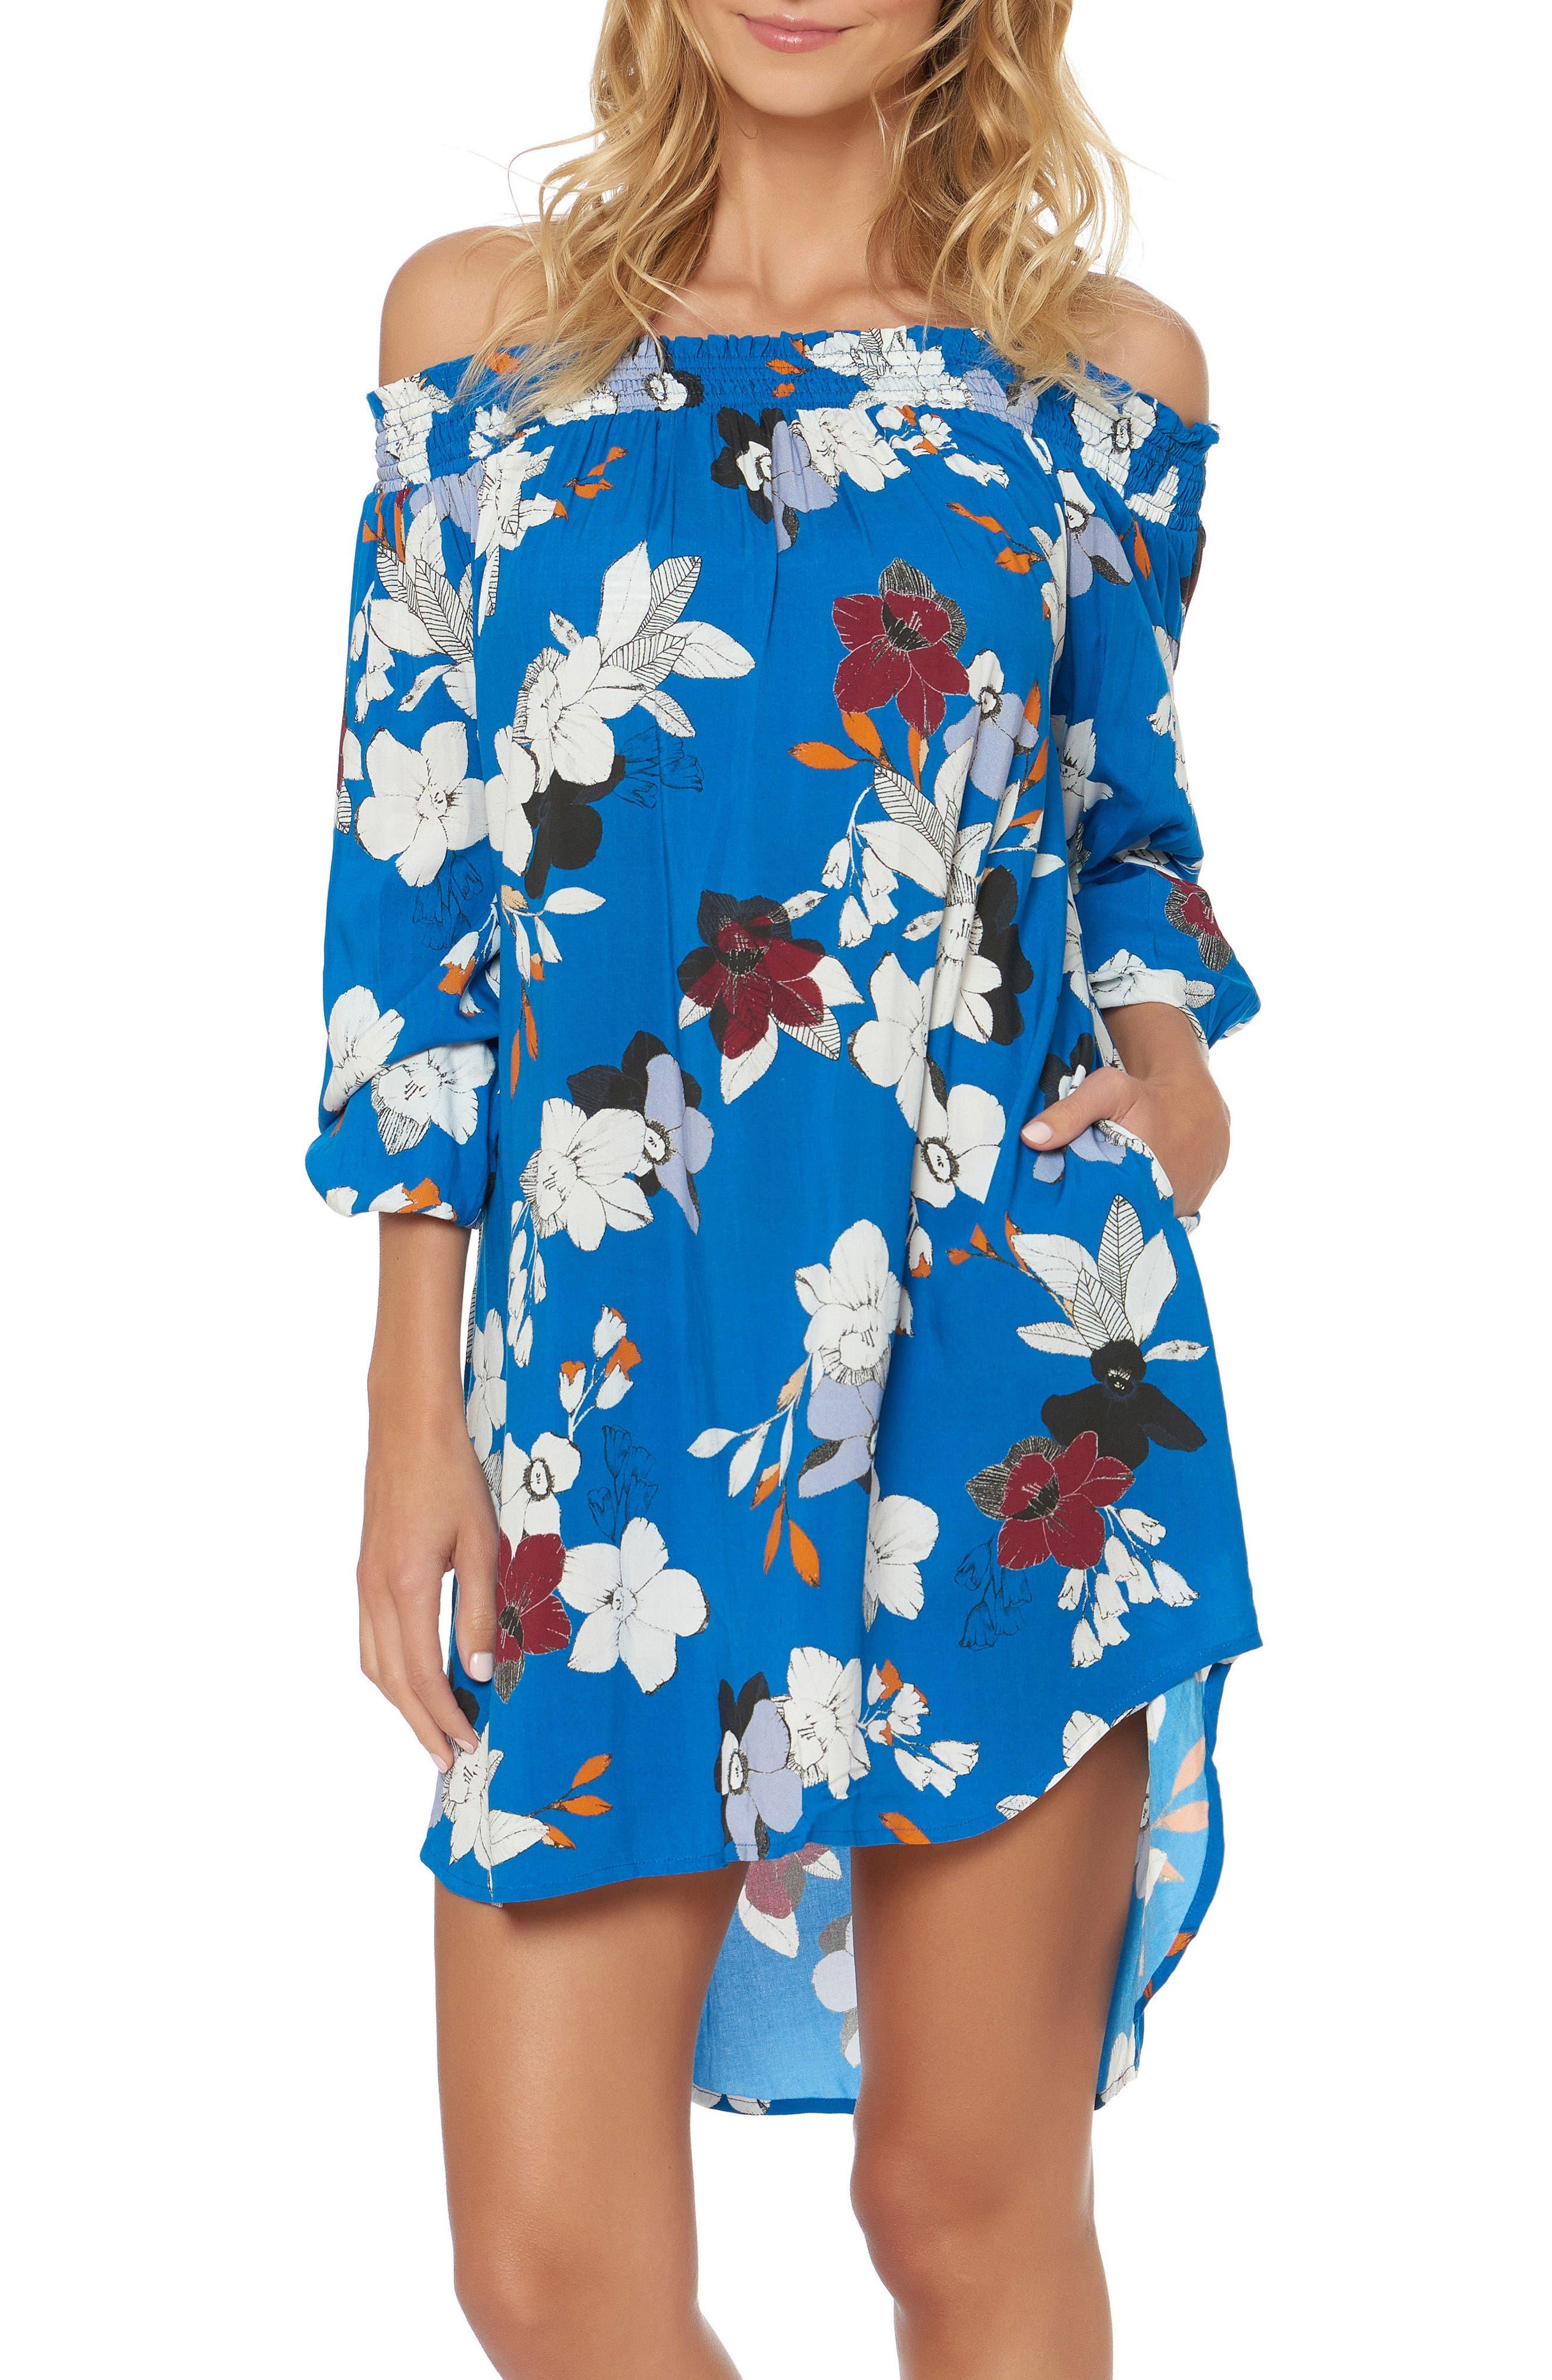 Floral Off the Shoulder Cover-Up Dress,                         Main,                         color, VISION